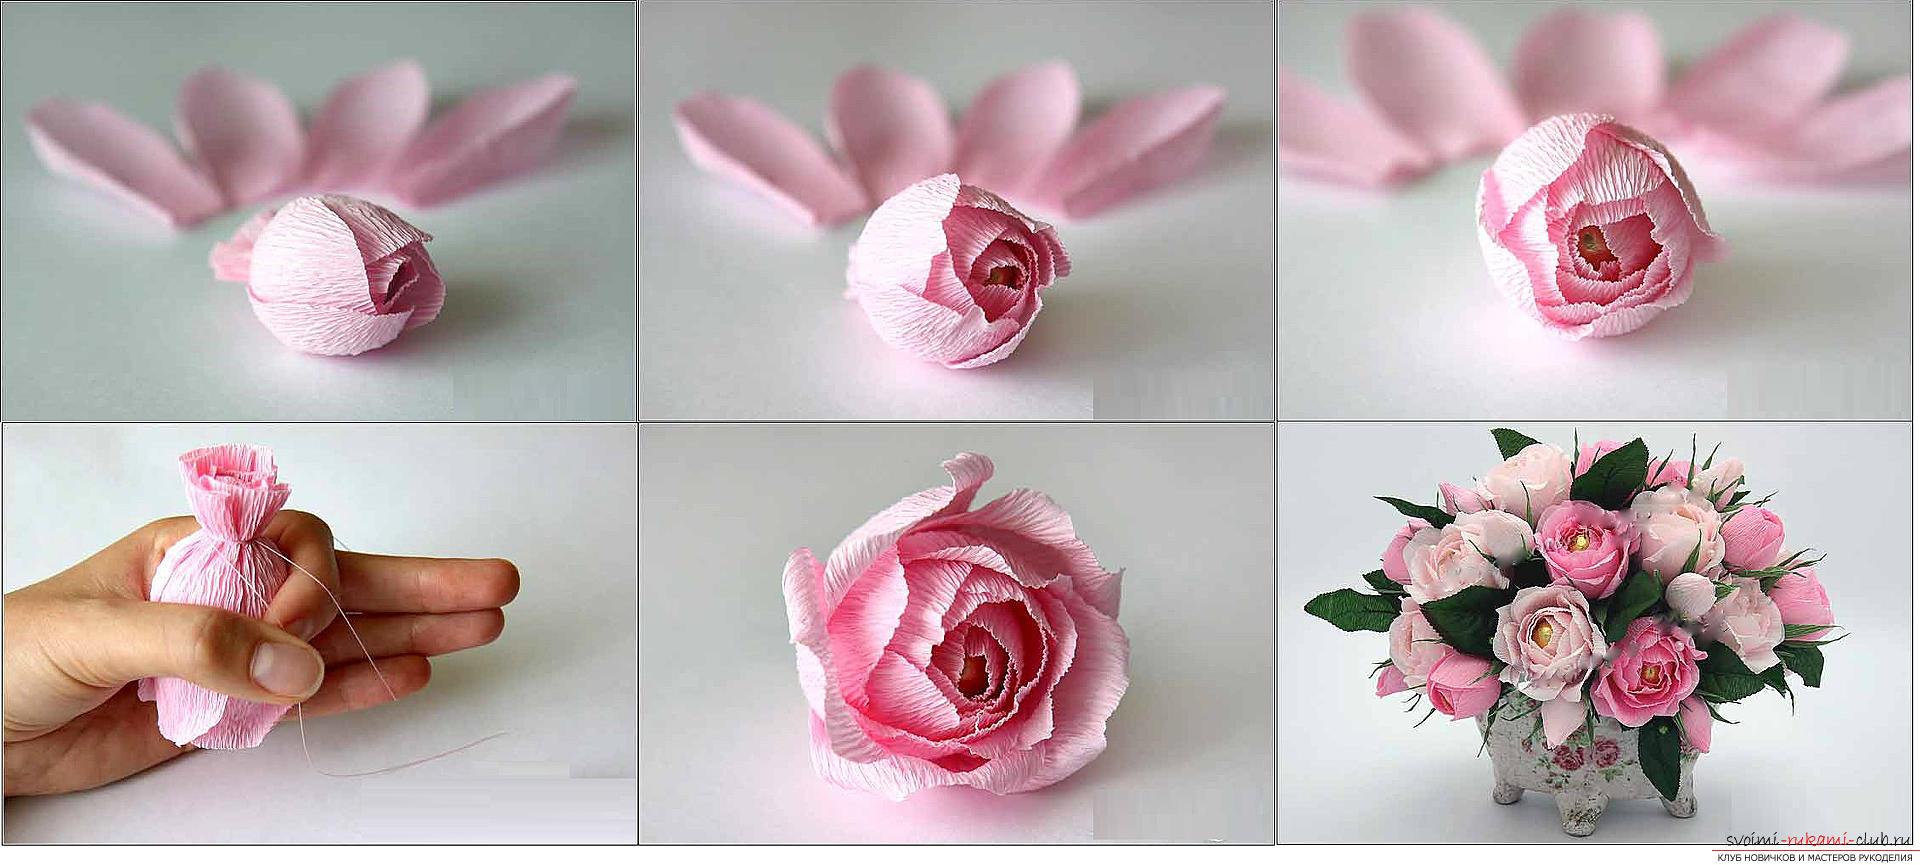 Как сделать конфетный букет из роз, пошаговые фото и инструкция создания роз из гофрированной бумаги с сердцевинками из конфет. Фото №11